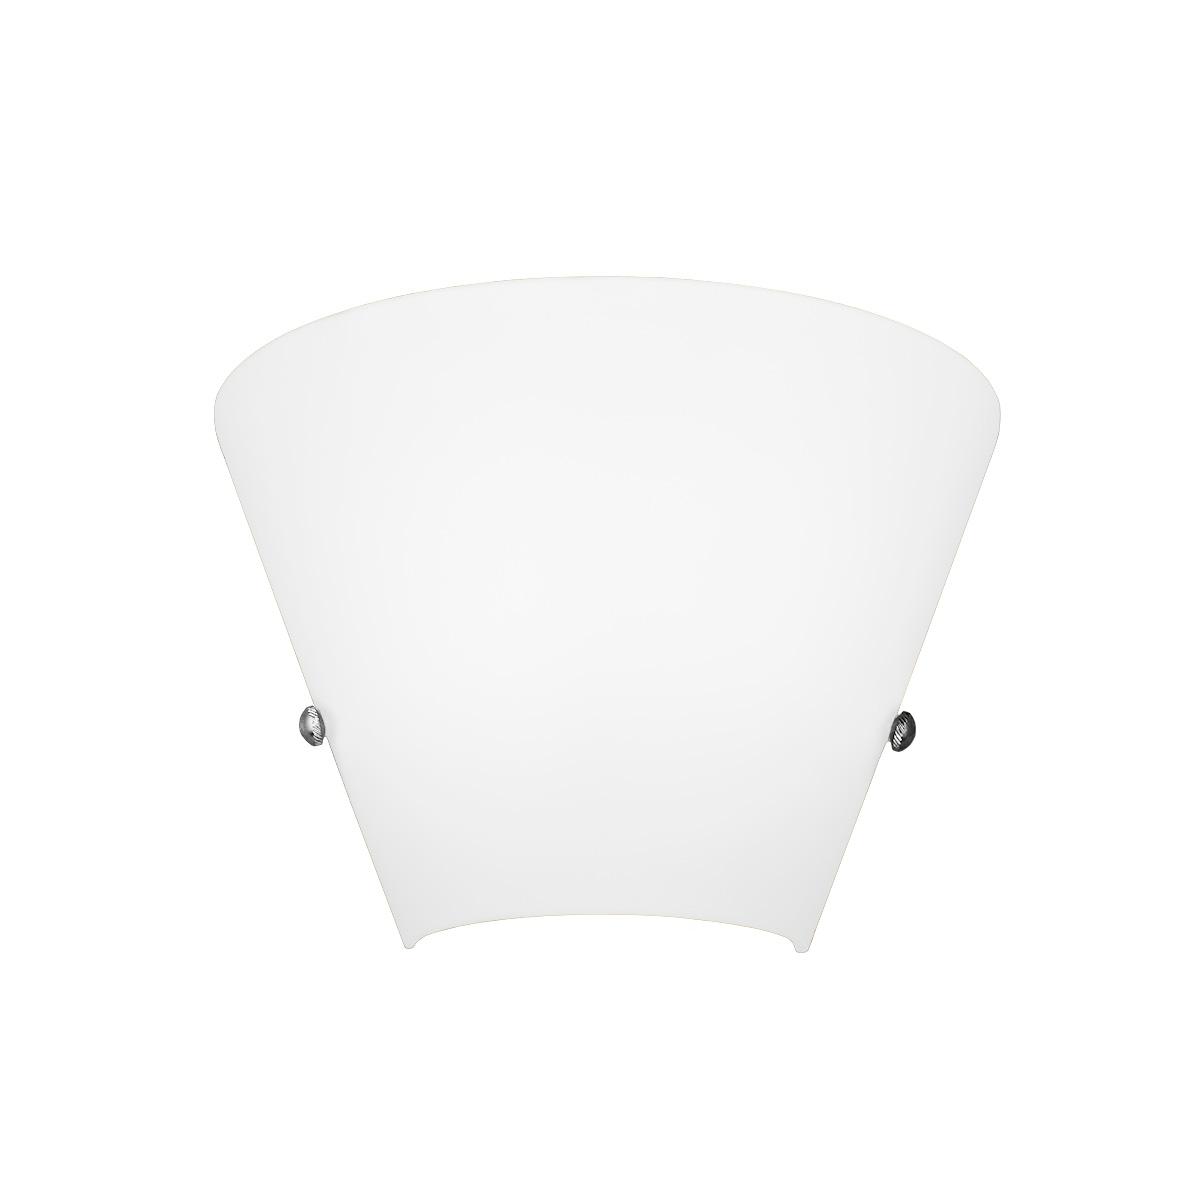 Λευκό φωτιστικό τοίχου Μουράνο ΚΩΝΟΙ white Murano wall lamp